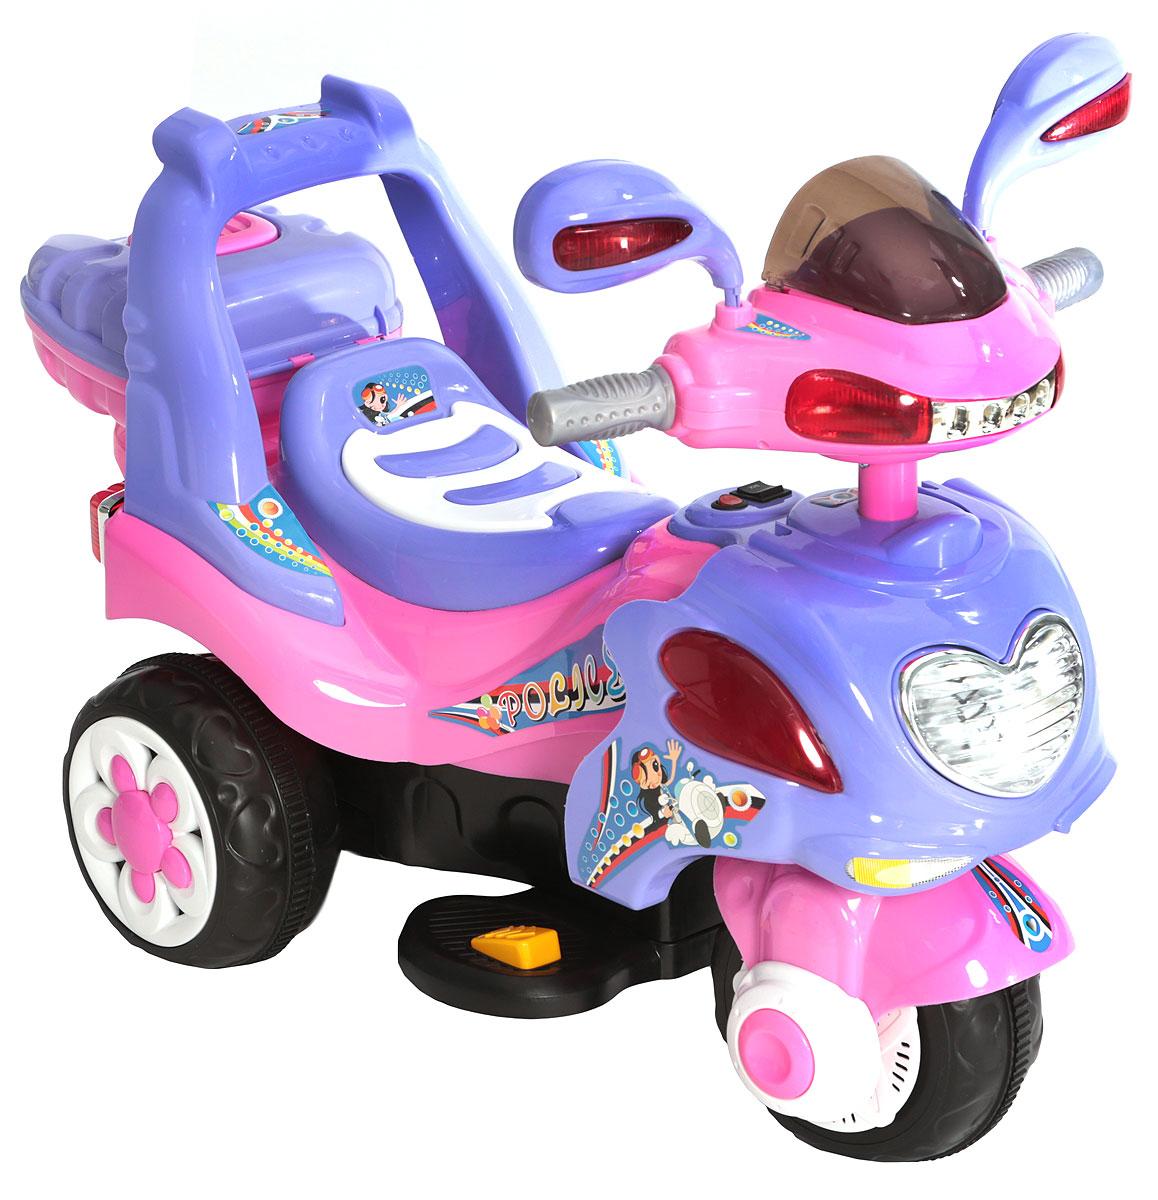 G120 Мотоцикл детский на аккумуляторе с багажником цвет розовый - Электромобили